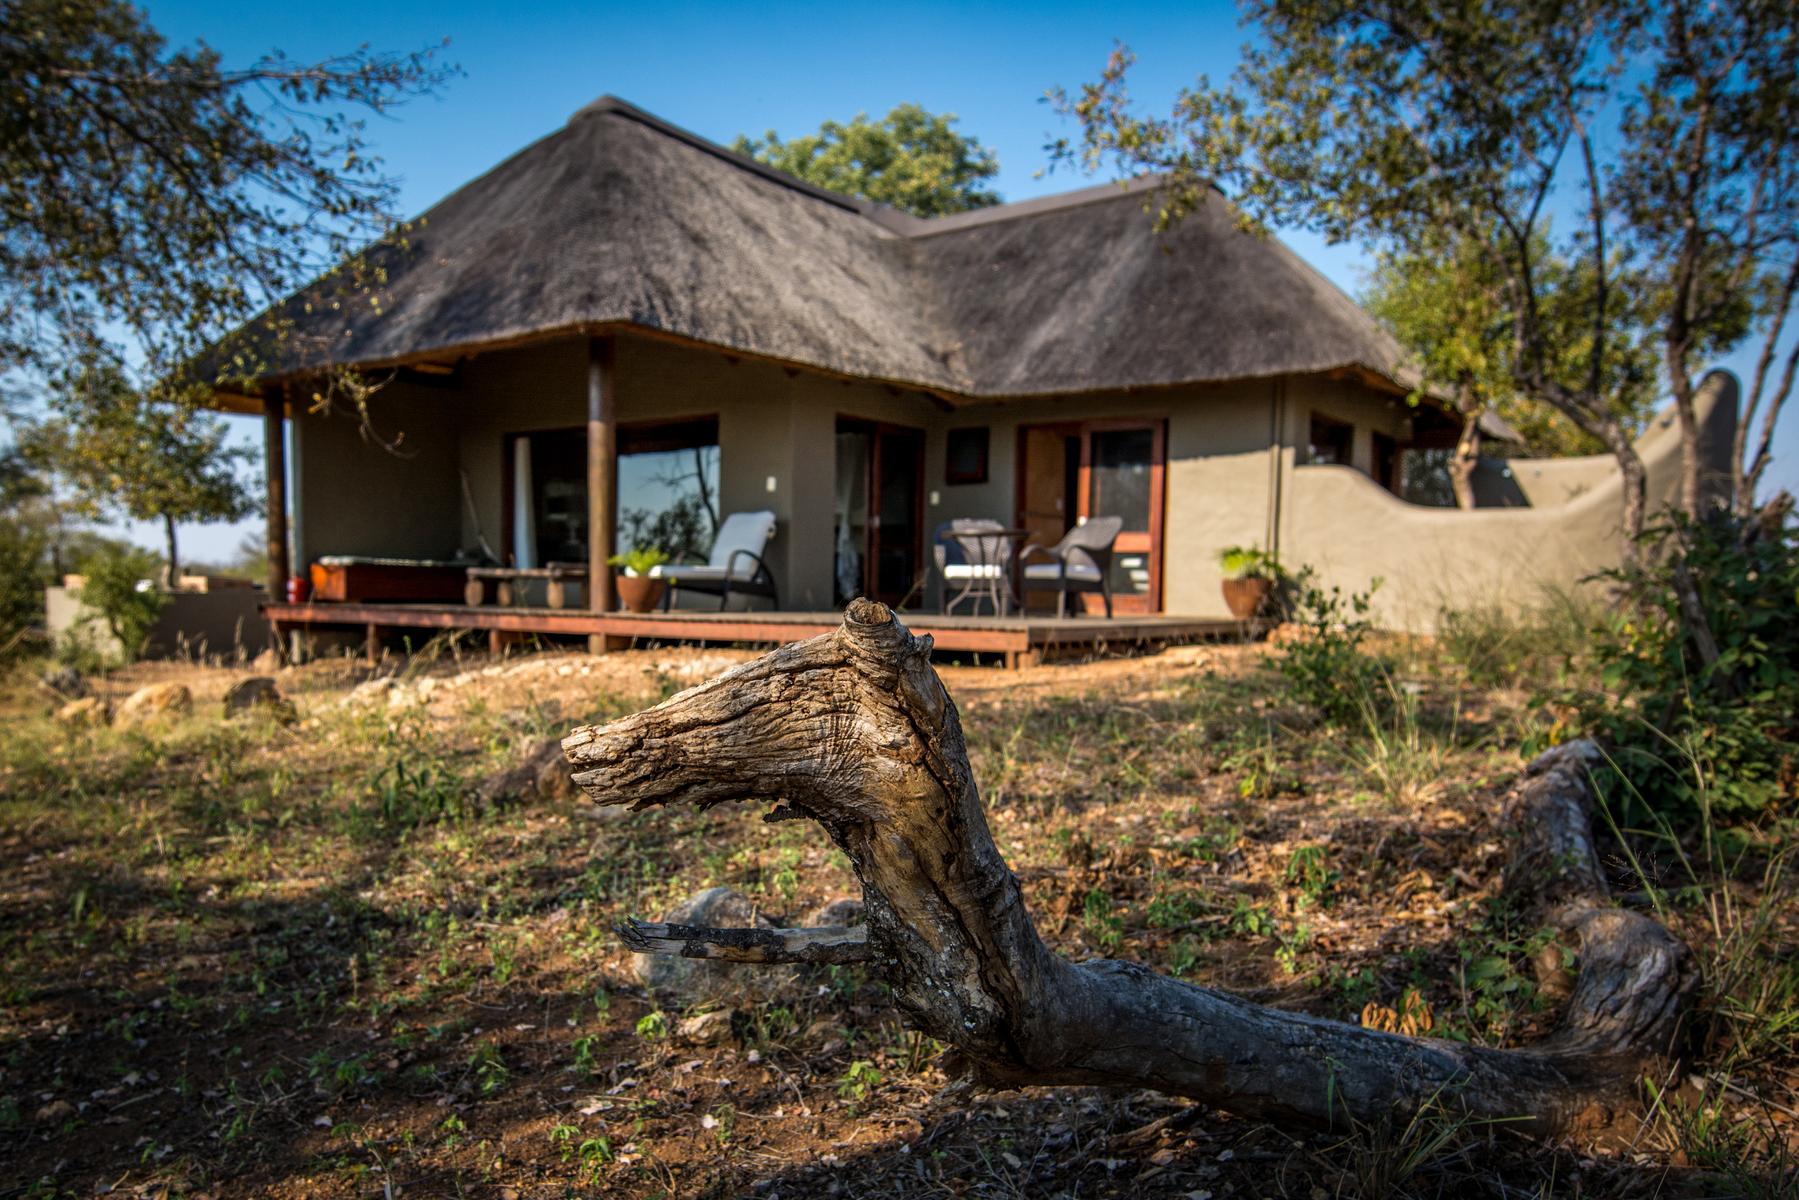 Los empleados del hotel cultivan los alimentos que consumen, asegurando la frescura y calidad de los ingredientes de su cocina / Garonga Safari Camp